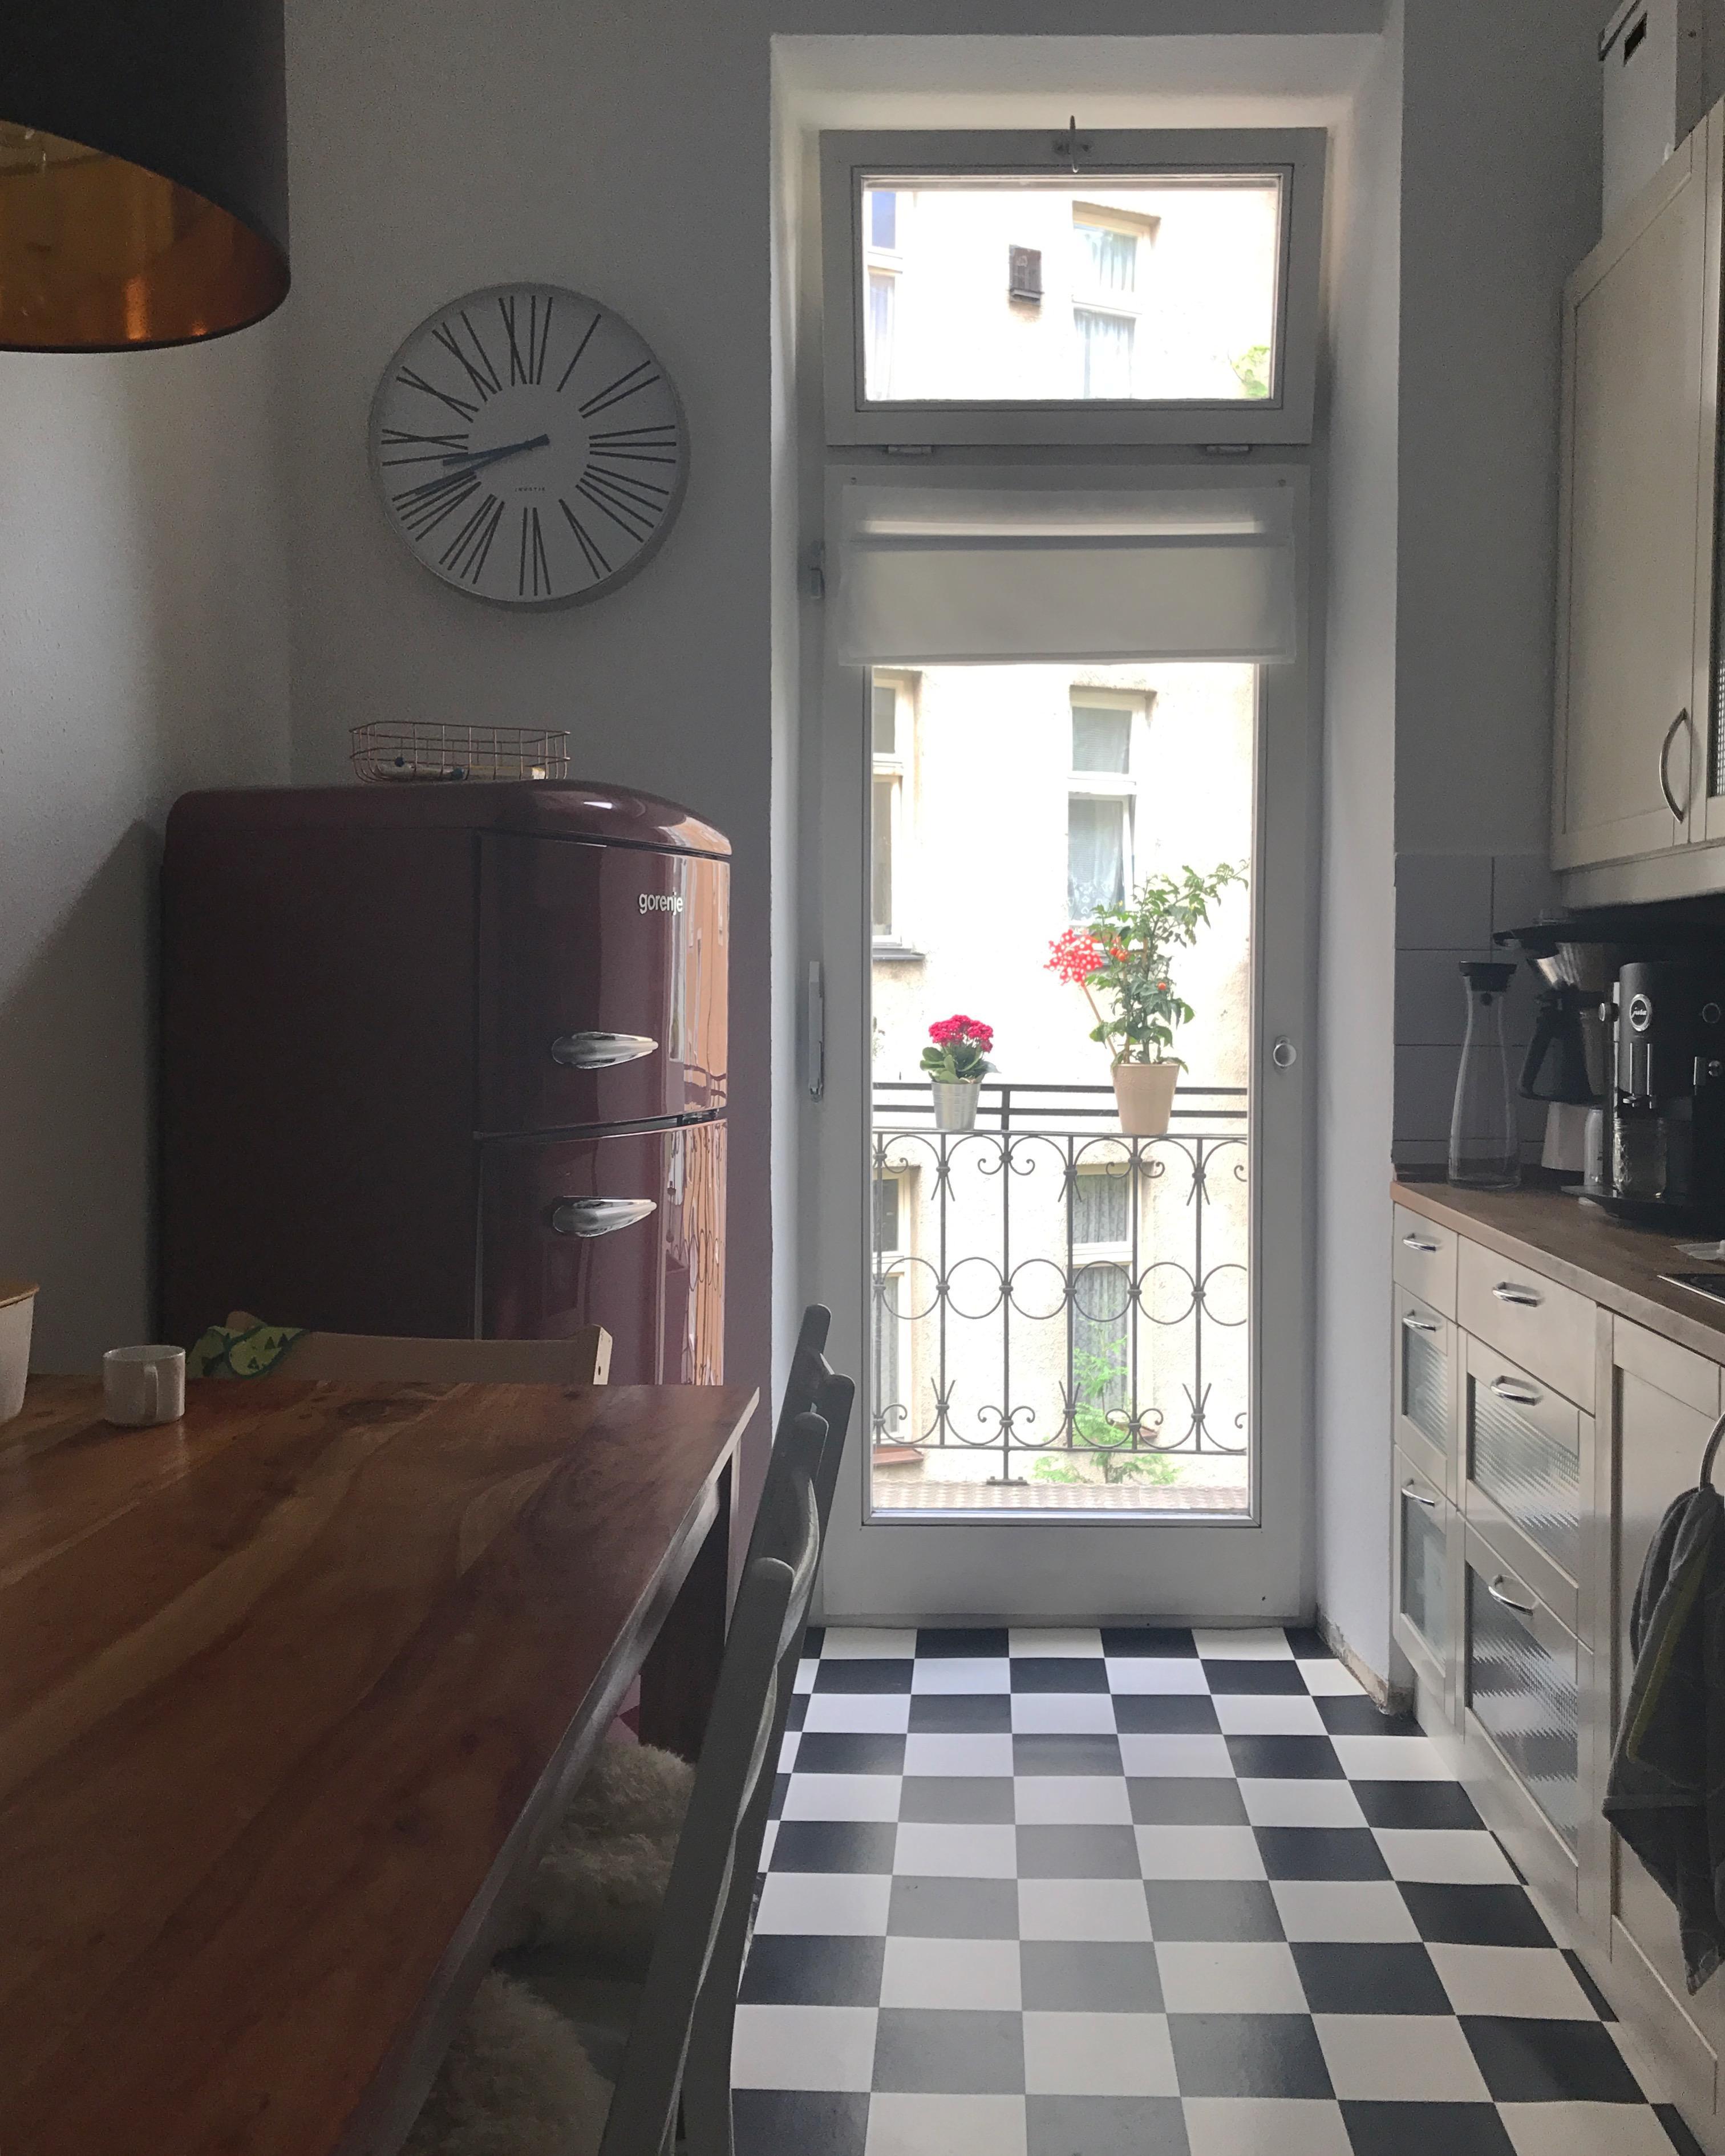 k cheneinblick k che kitchen schachbrett diy a. Black Bedroom Furniture Sets. Home Design Ideas